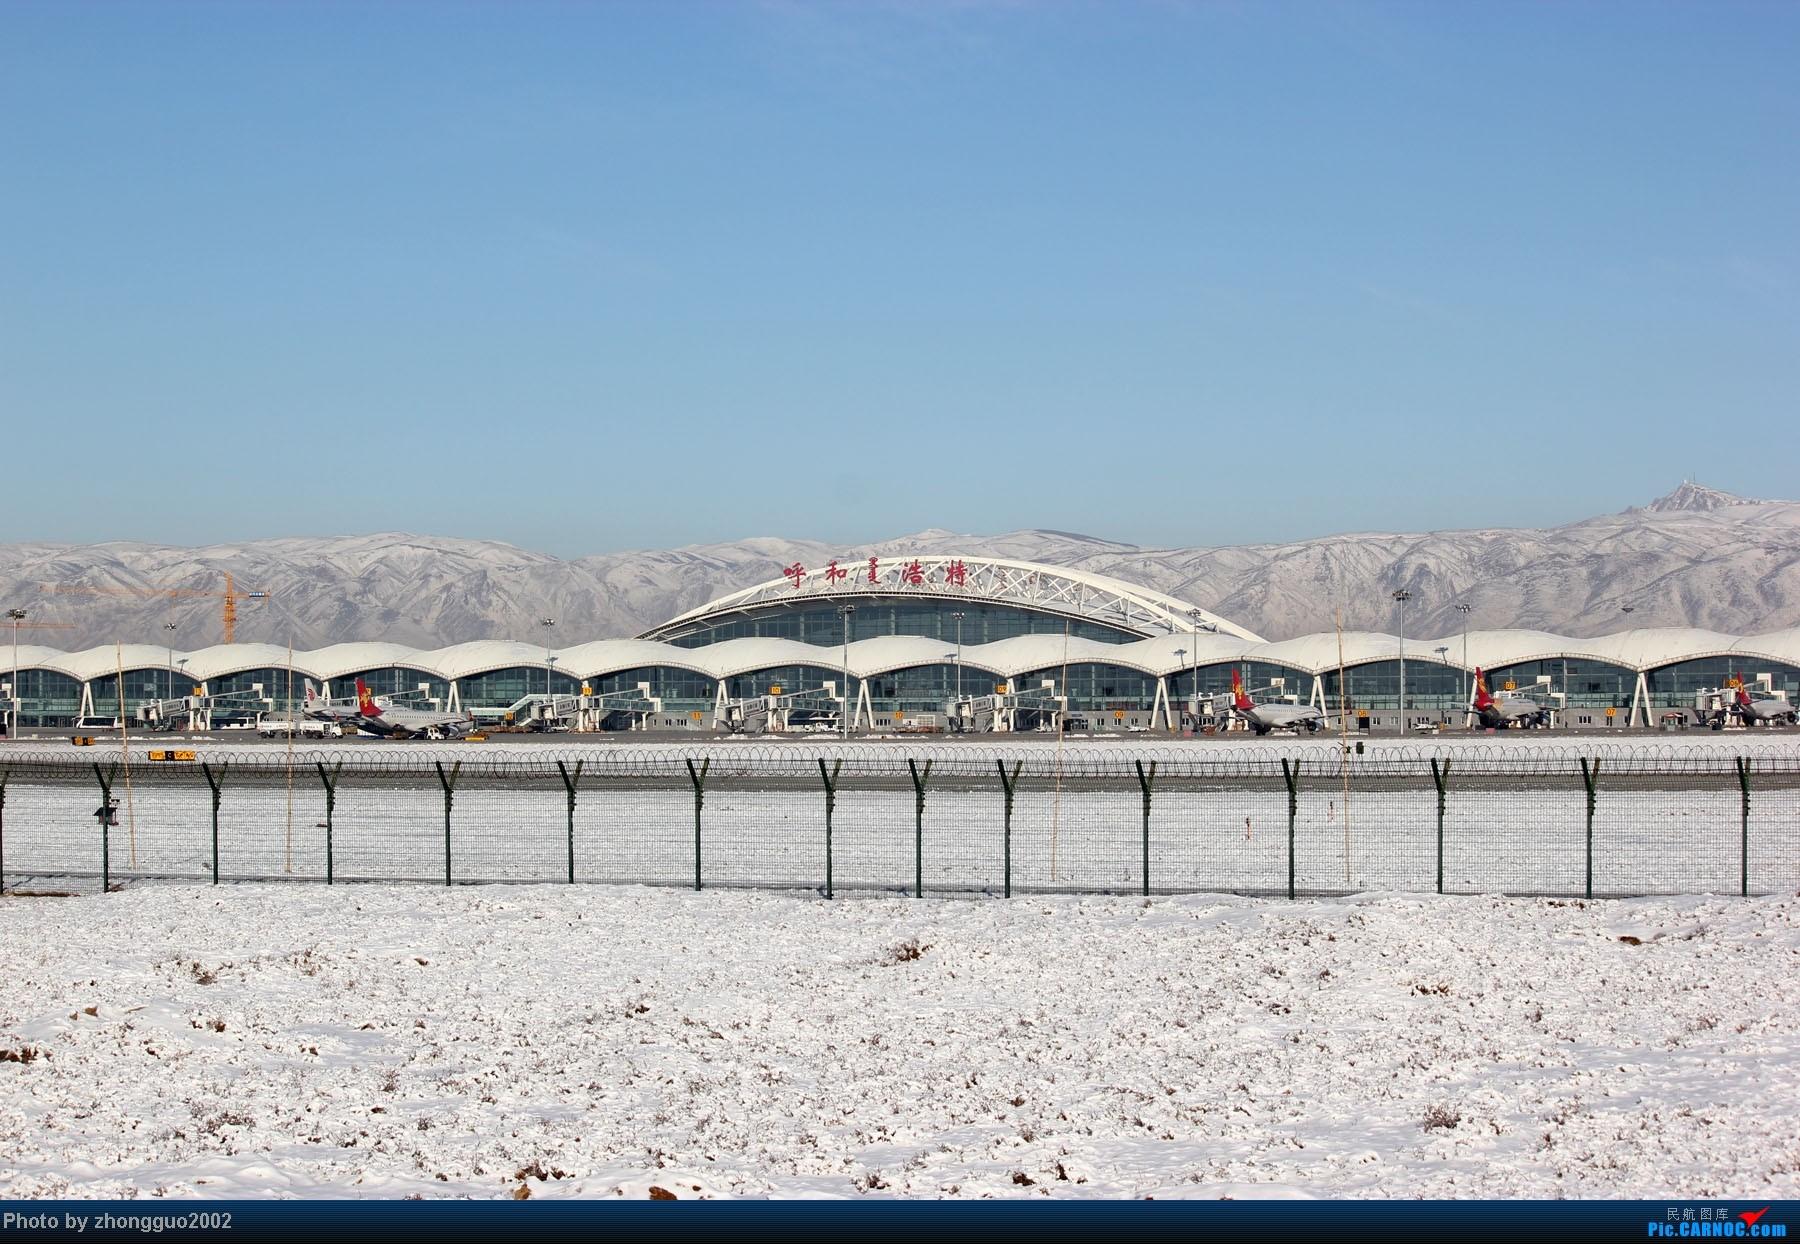 [原创]雪后机场拍飞机第四集,大综合。。。。。    中国呼和浩特白塔国际机场